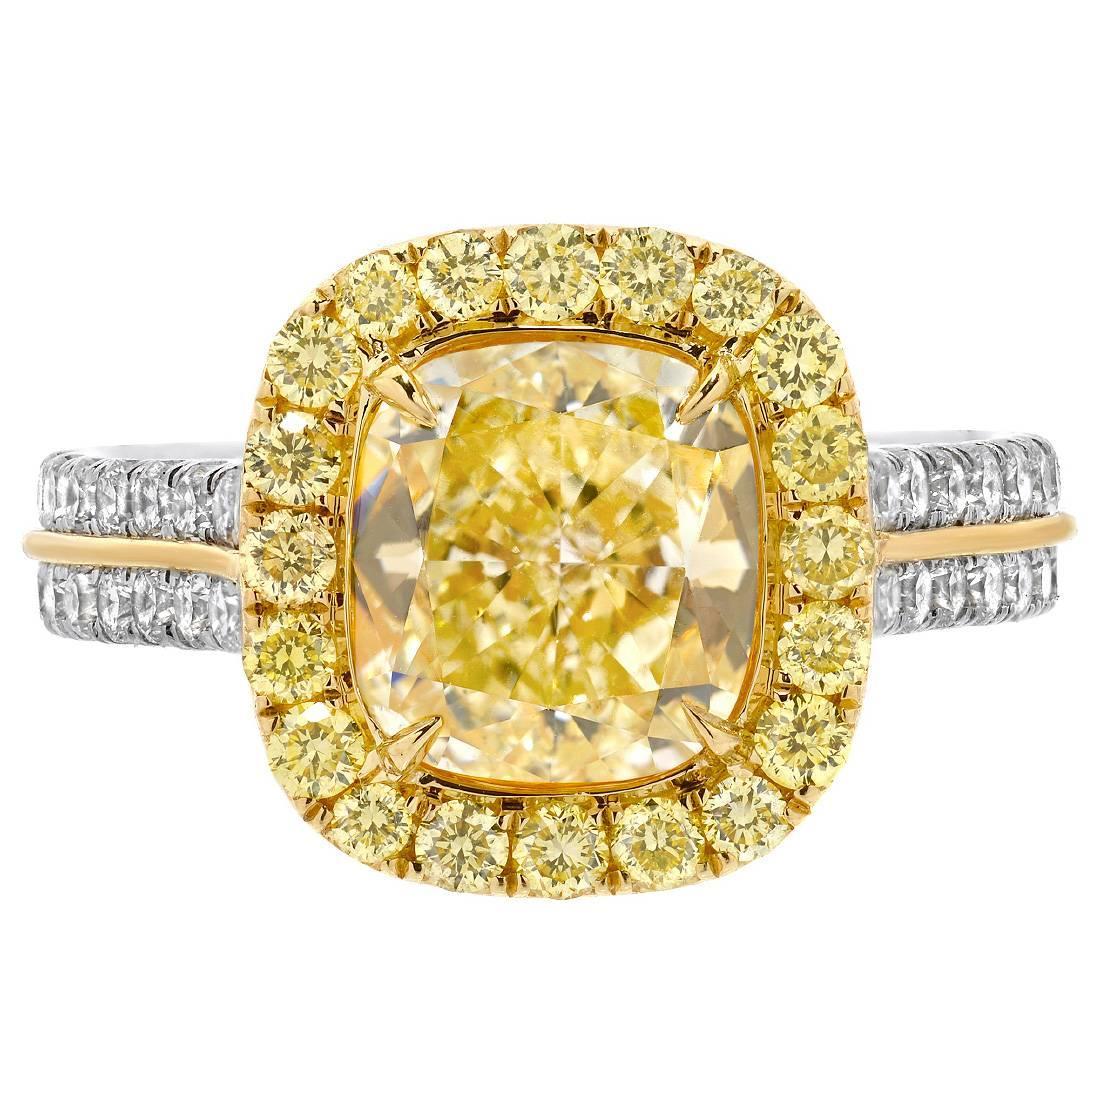 Yellow Diamond Ring 2.40 Carat GIA Certified